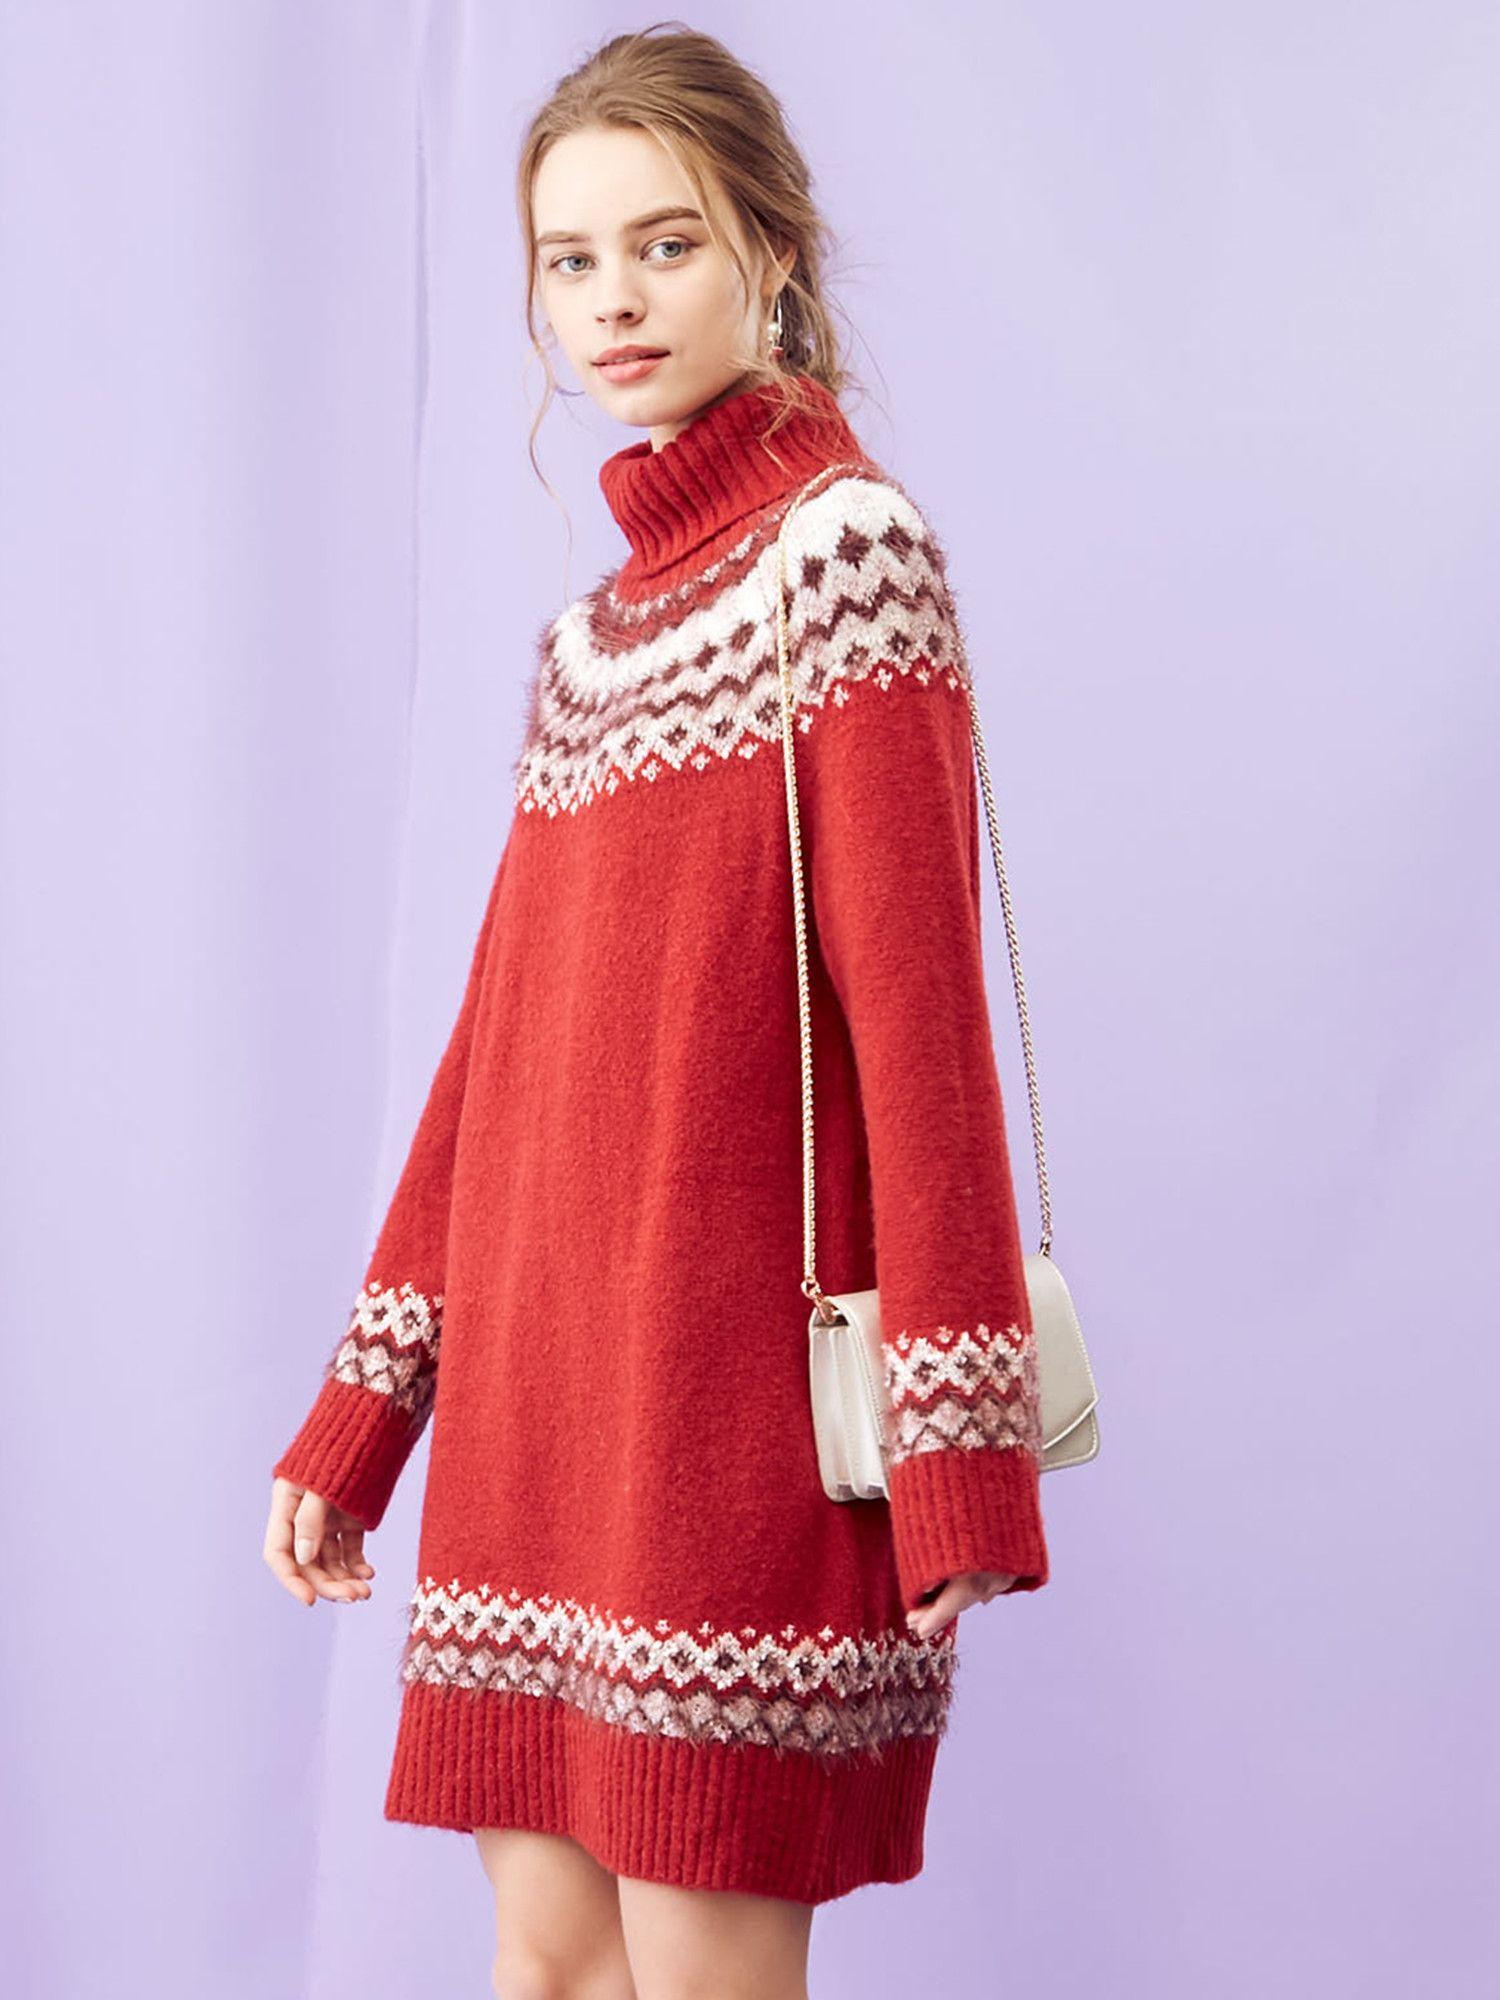 MIX纱北欧针织连衣裙